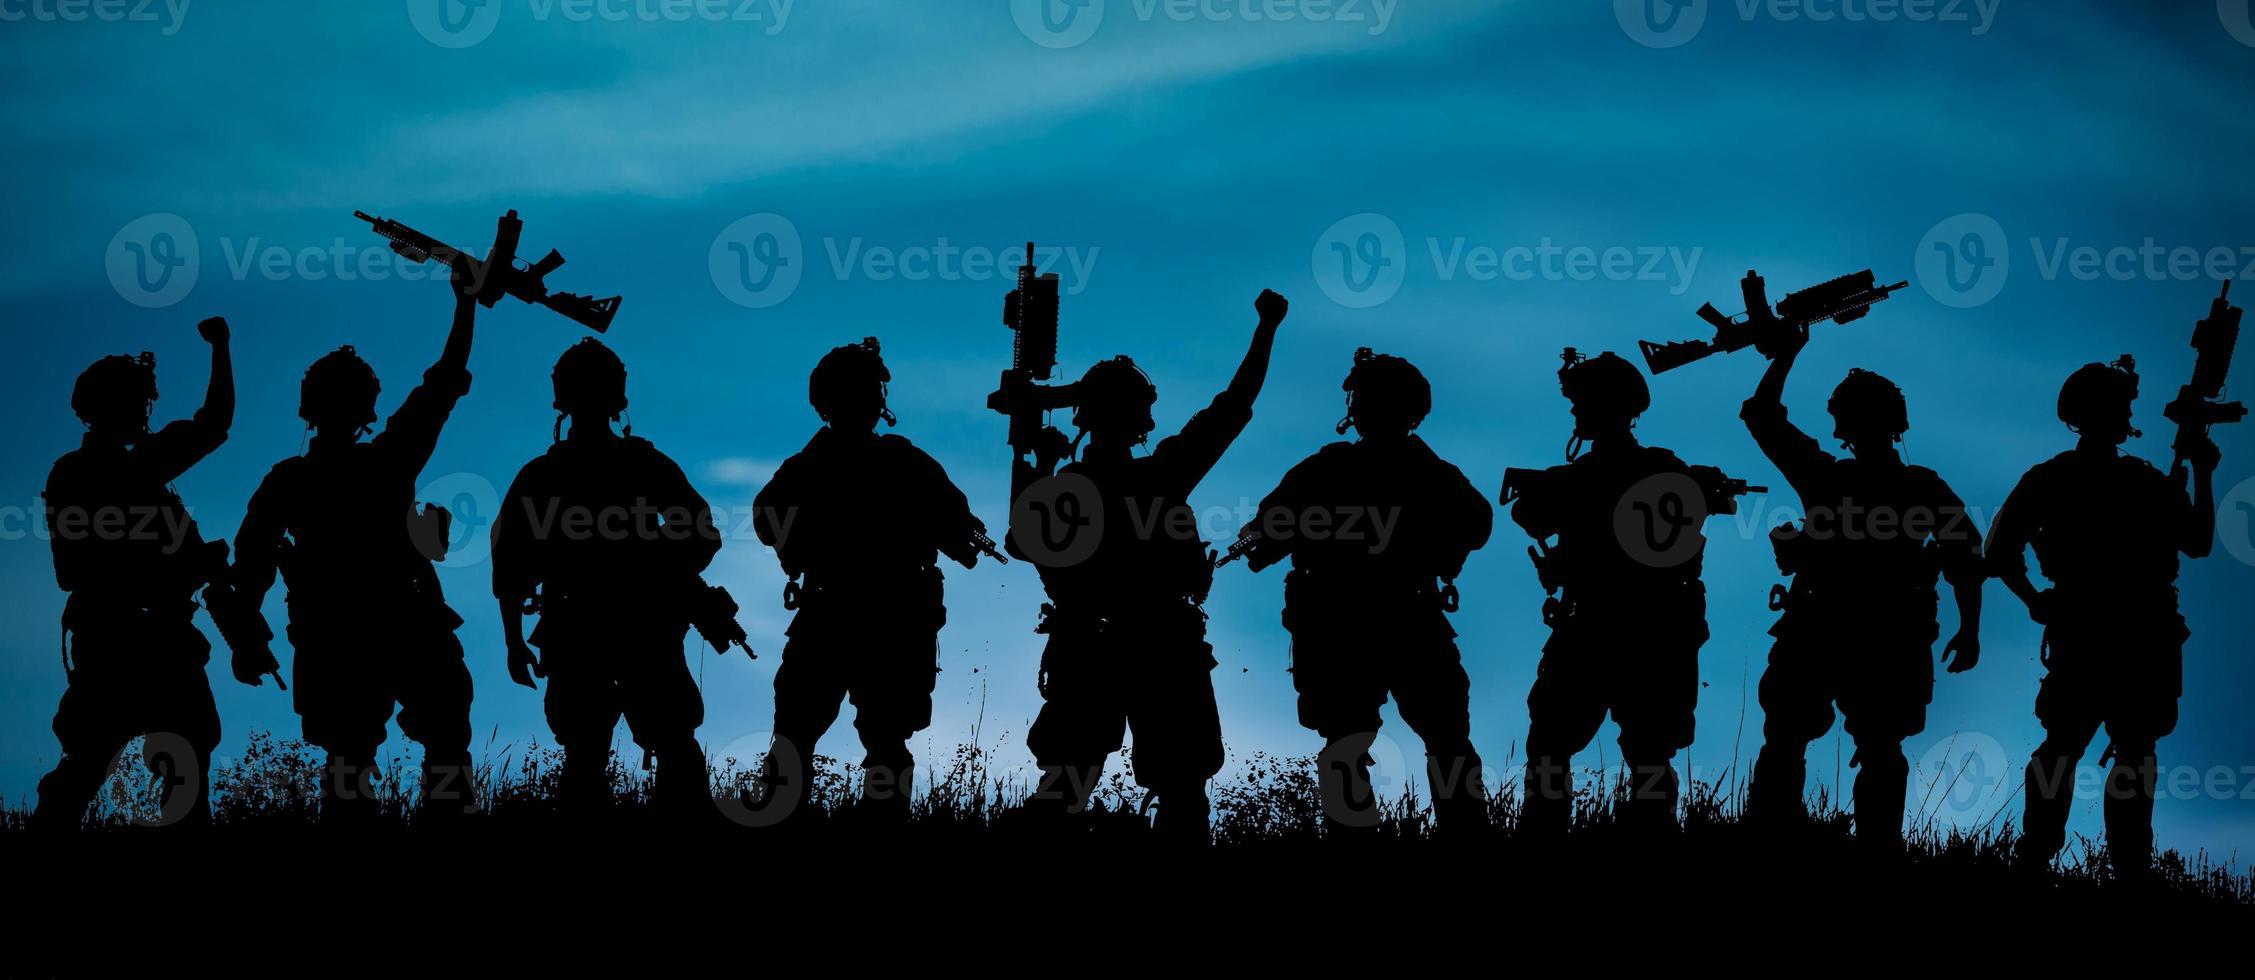 silueta del equipo de soldados militares u oficial con armas en foto